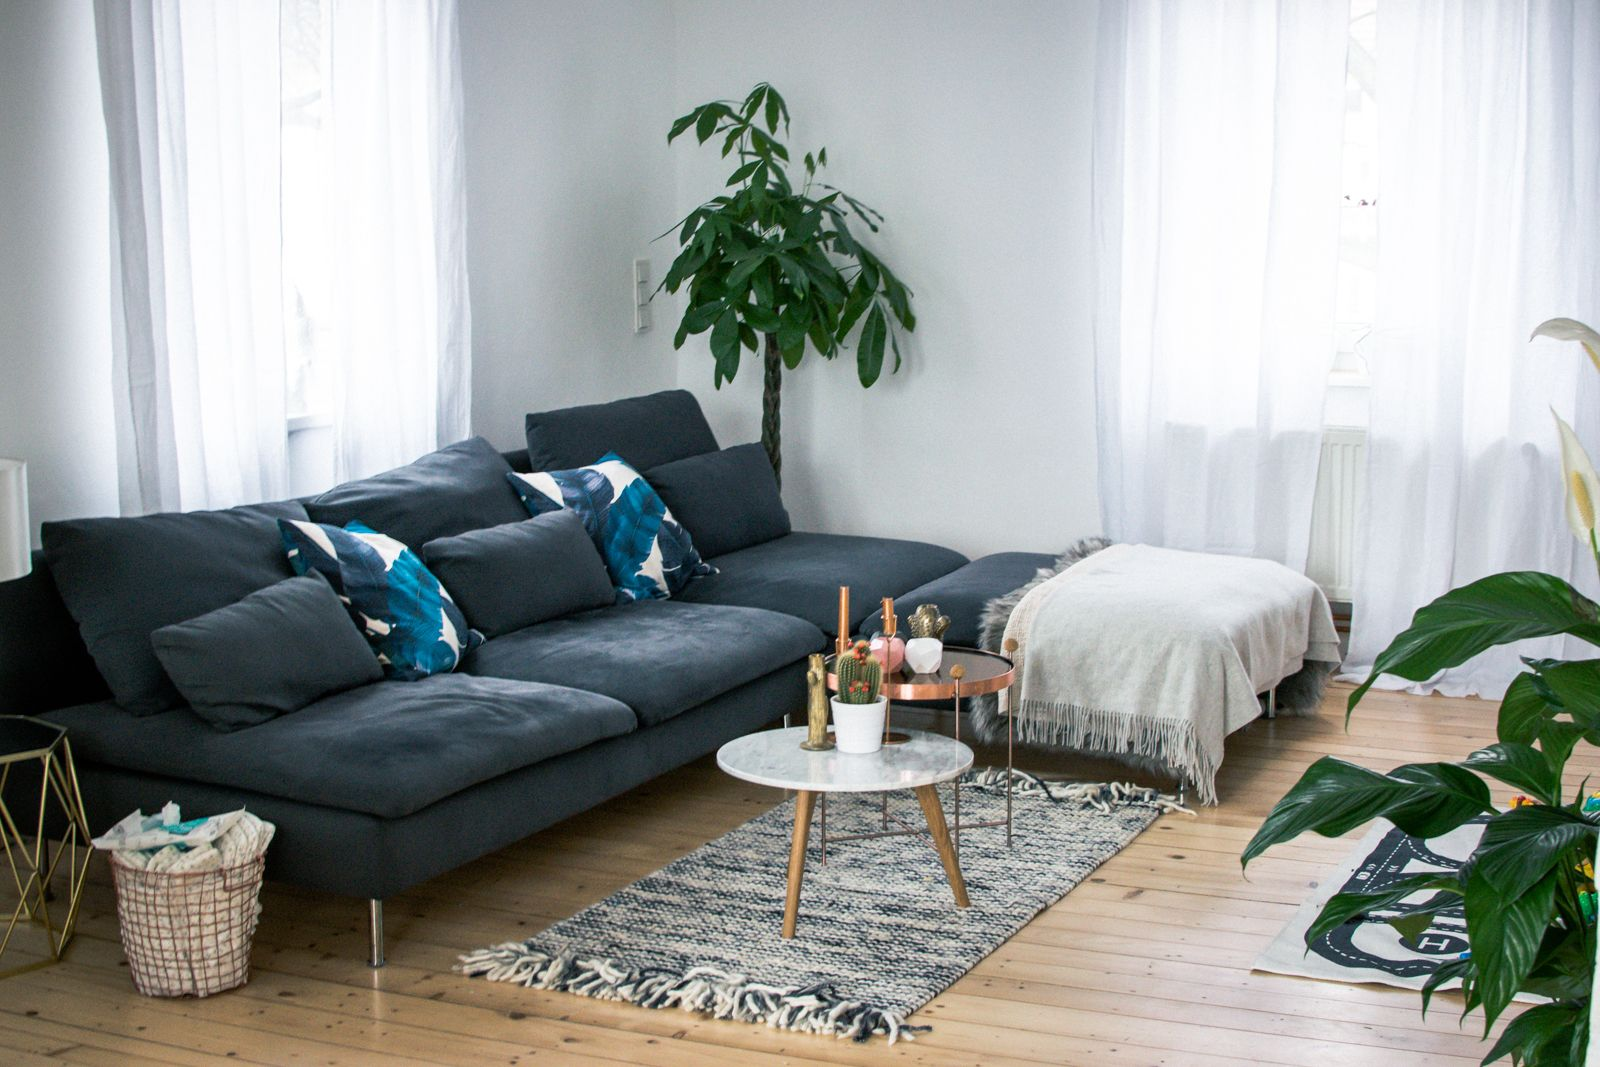 Ikea Couch Ohne Home Forever Bilder BohrenMy WohnzimmerBlaue lFK3TJu1c5